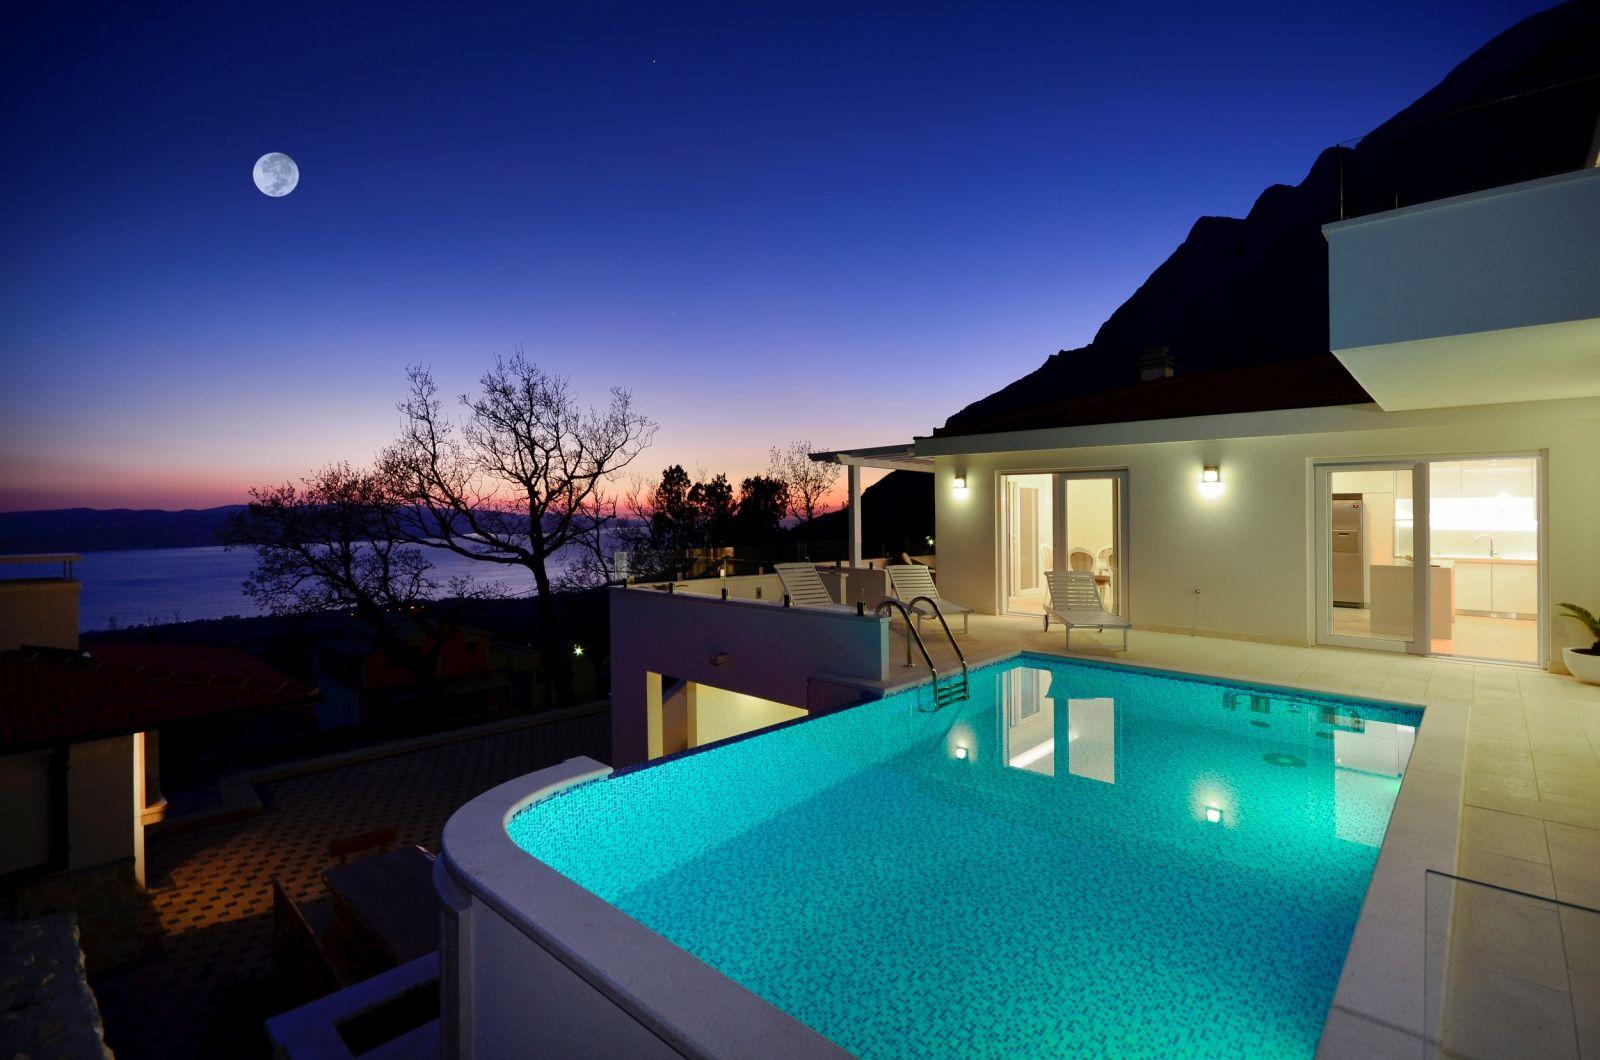 Недвижимость в хорватии отзывы аренда квартиры на пальме дубай